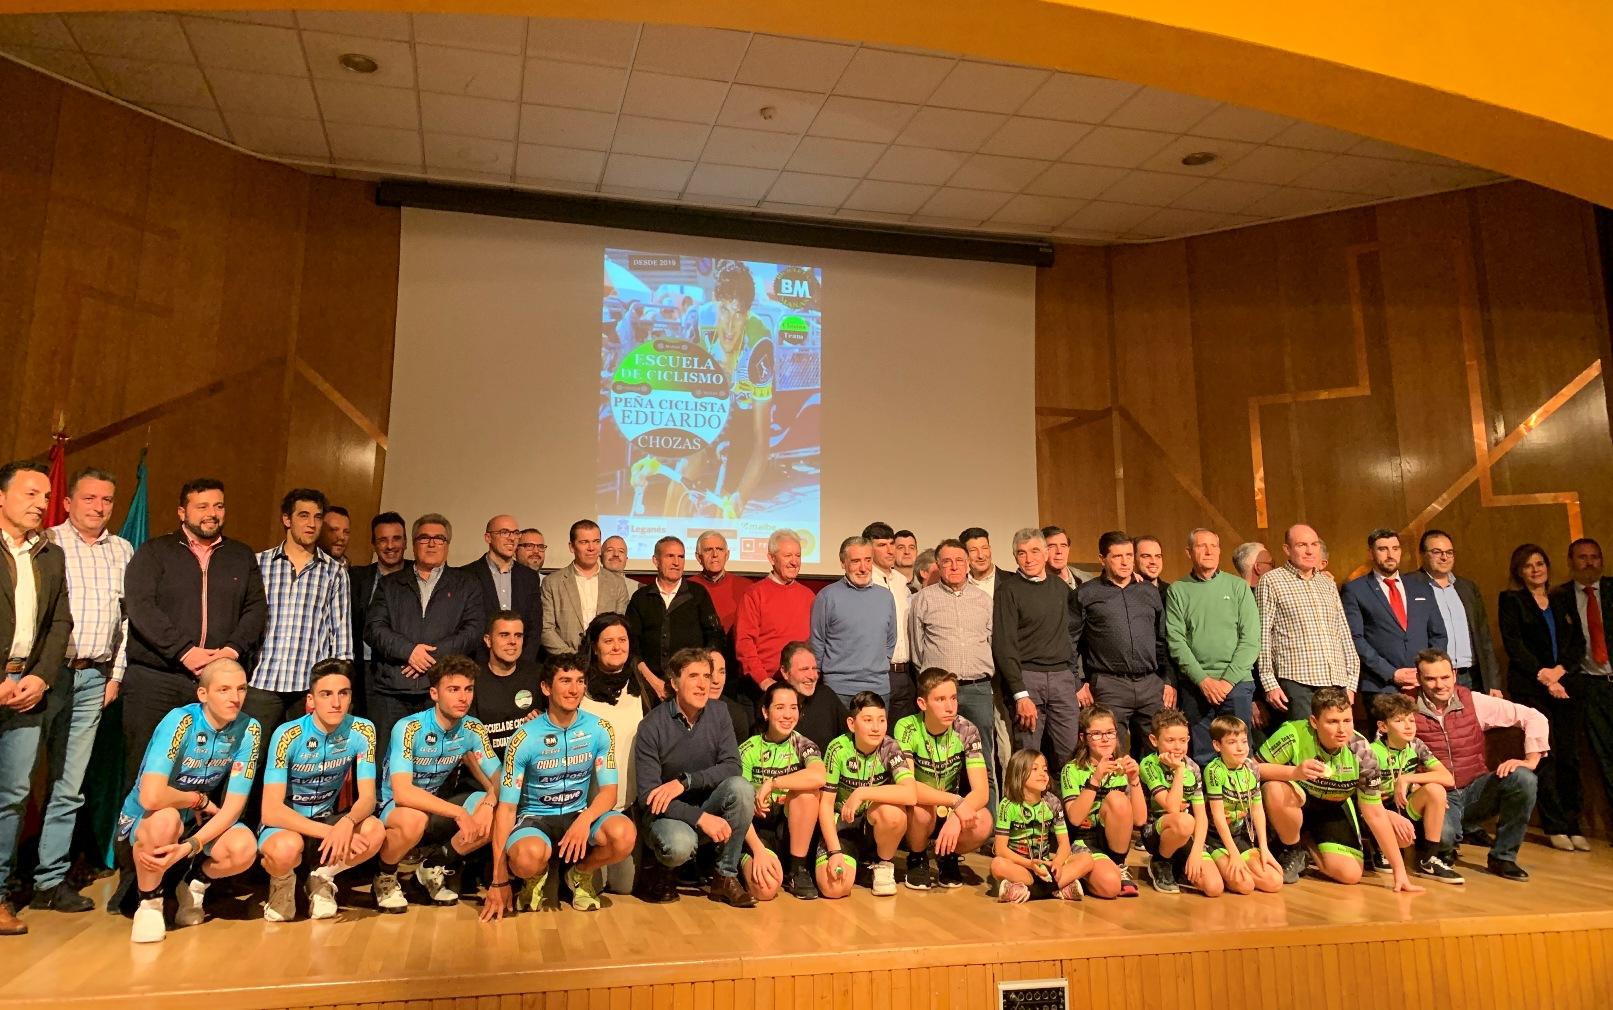 Acto de presentación de la Escuela de Ciclismo Eduardo Chozas